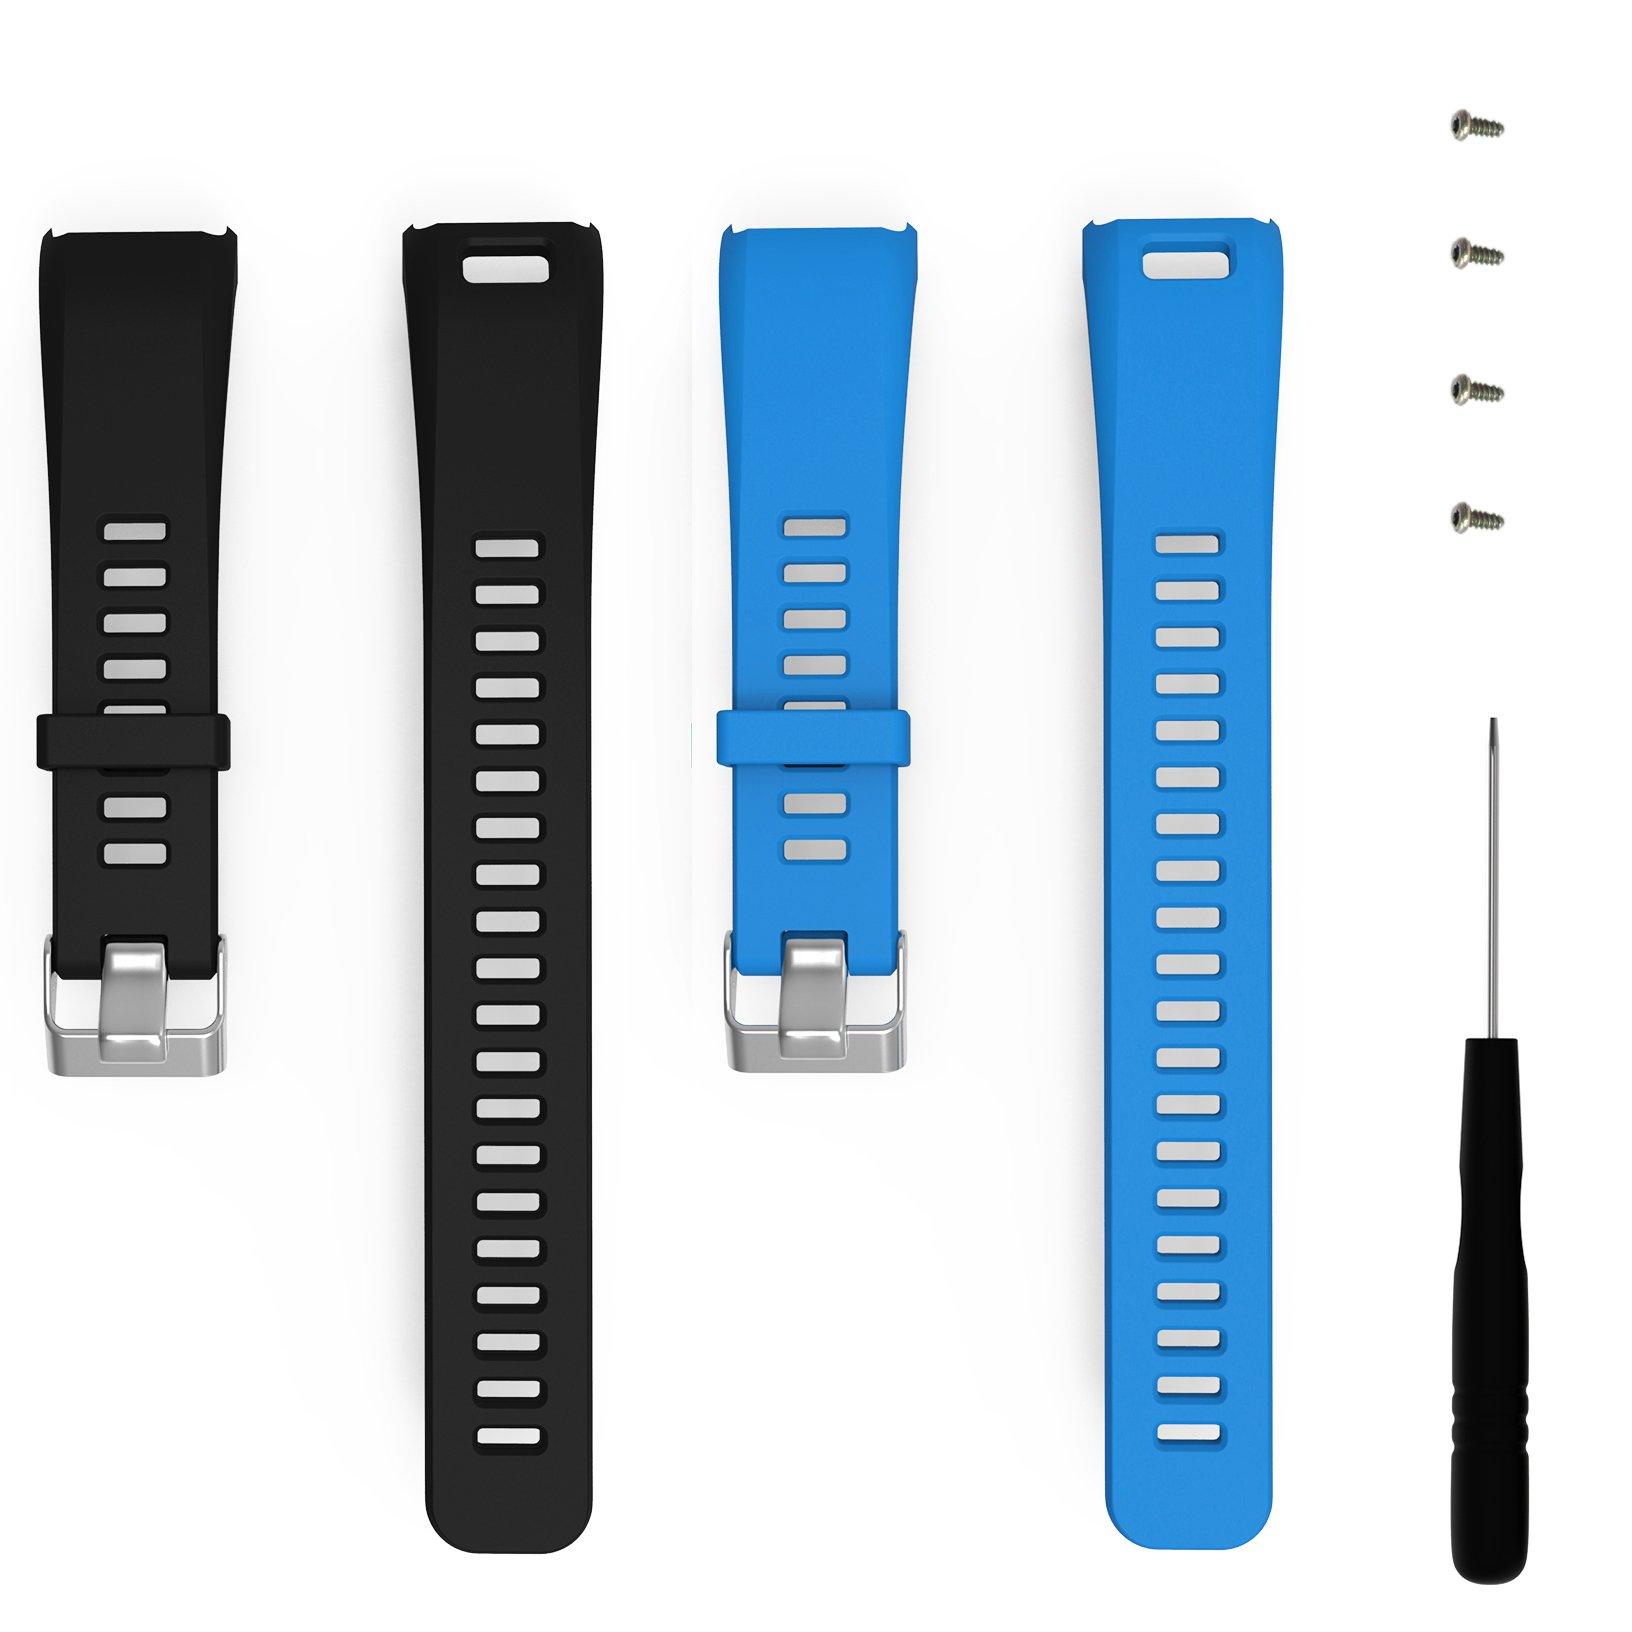 ECSEM Replacement Soft Silicone Bands and Straps for Garmin vivosmart HR (not for vivosmart hr +), Black/Blue